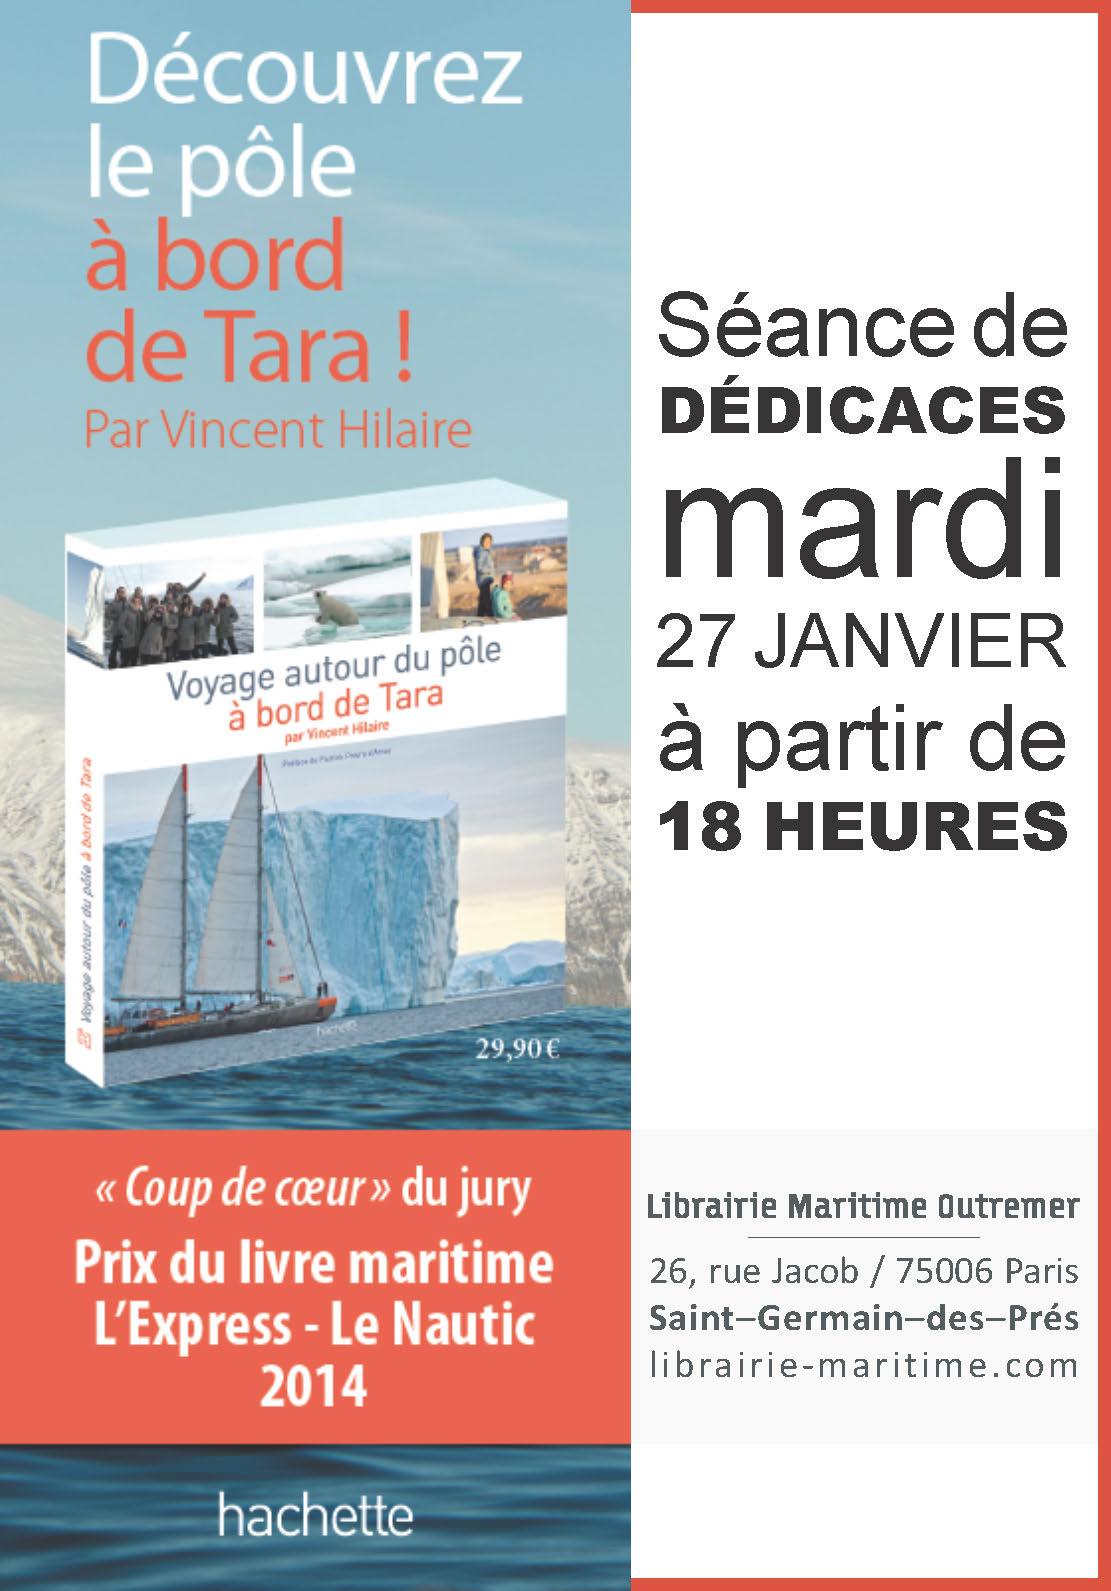 Flyer dédicace Voyage autour du pôle à bord de Tara - 27 janvier 2015